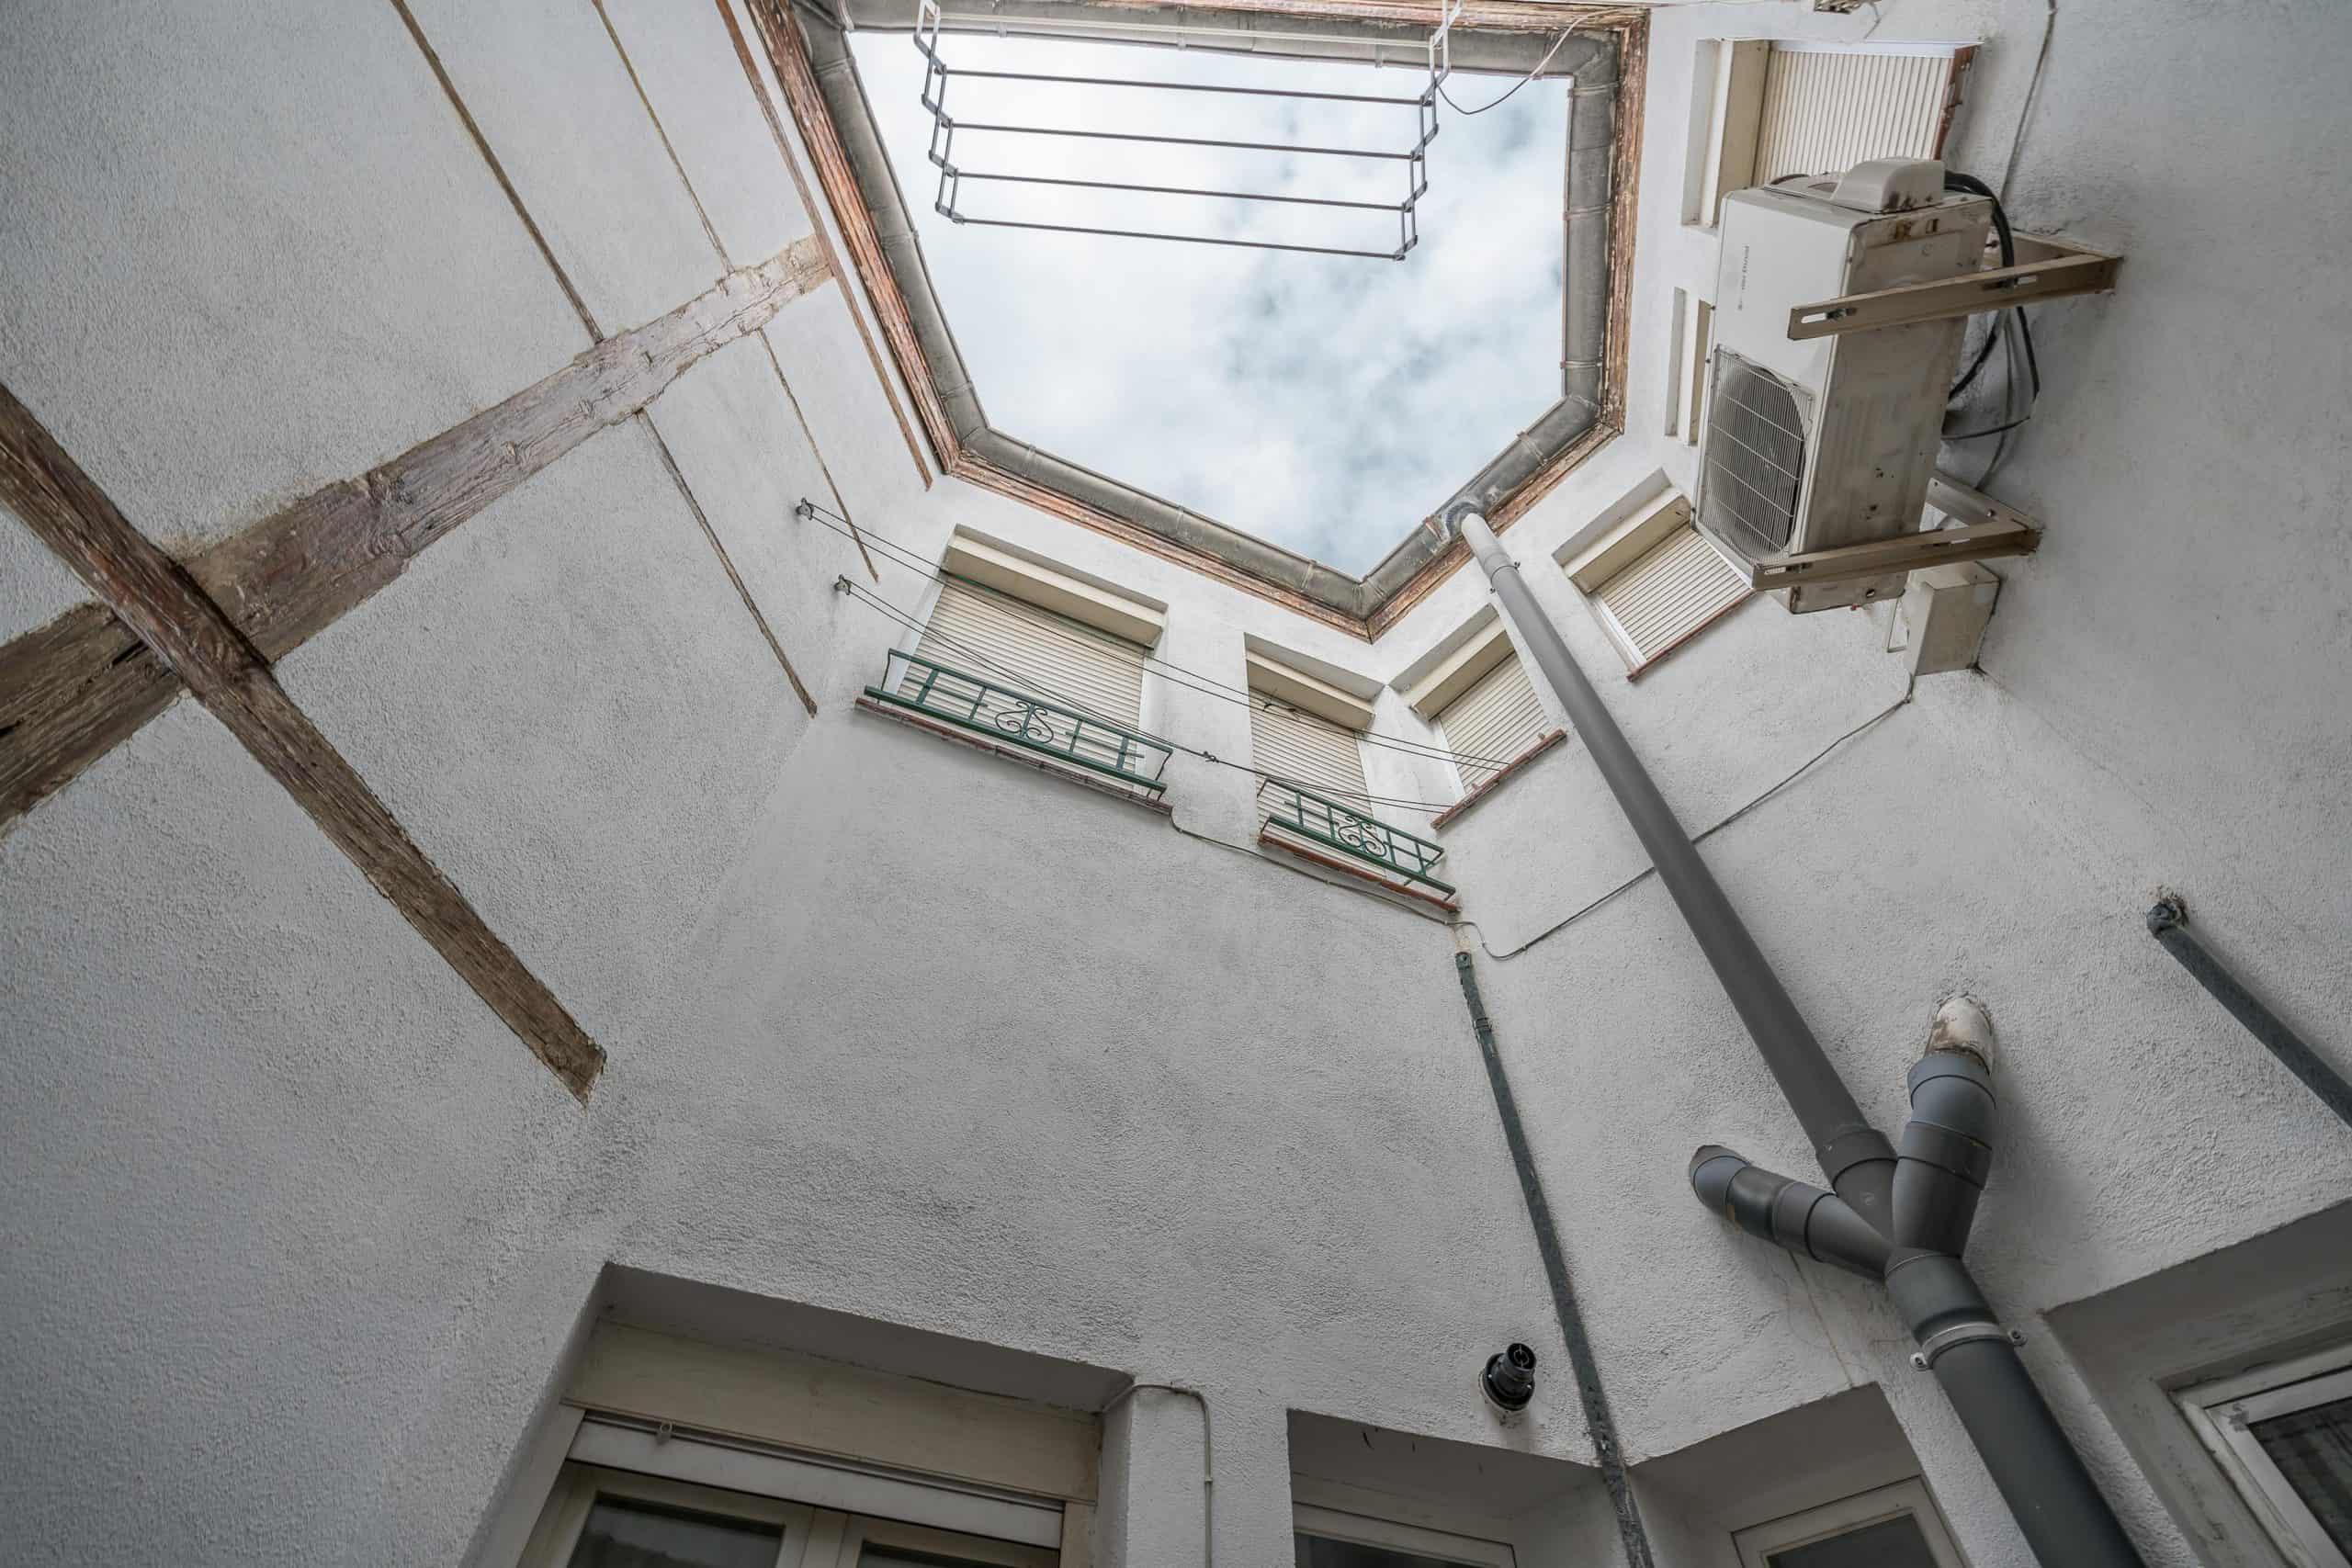 Agencia Inmobiliaria de Madrid-FUTUROCASA-Zona ARGANZUELA-EMBAJADORES-LEGAZPI -plaza General Vara del Rey- vistas